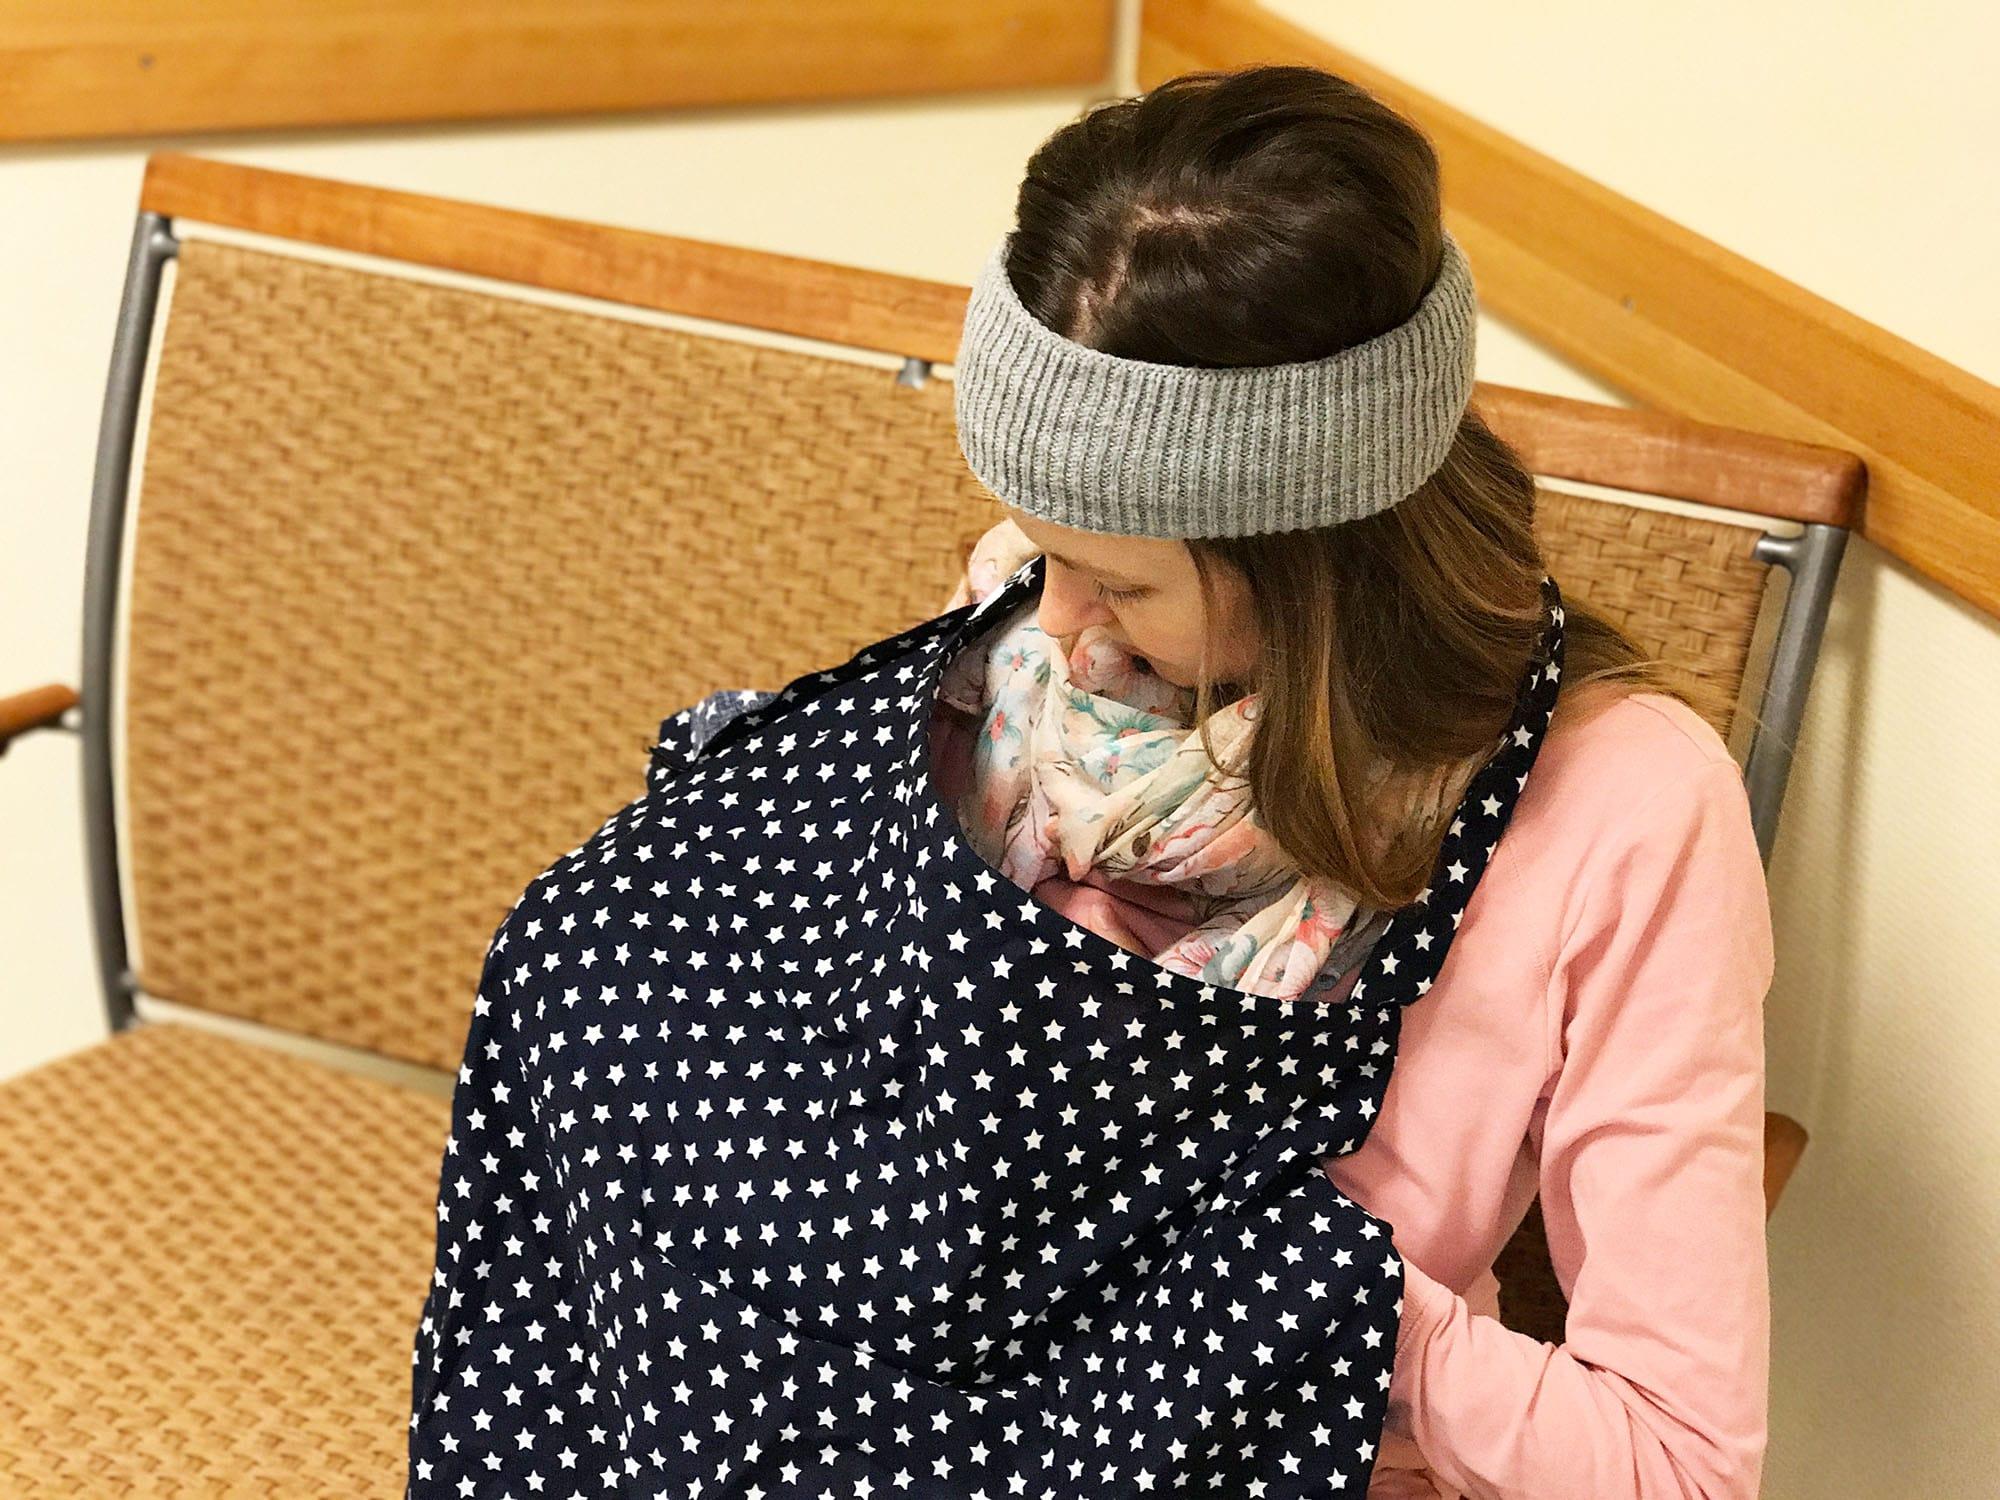 Stillen in der Öffentlichkeit: Ich stille mit meinem Stilltuch